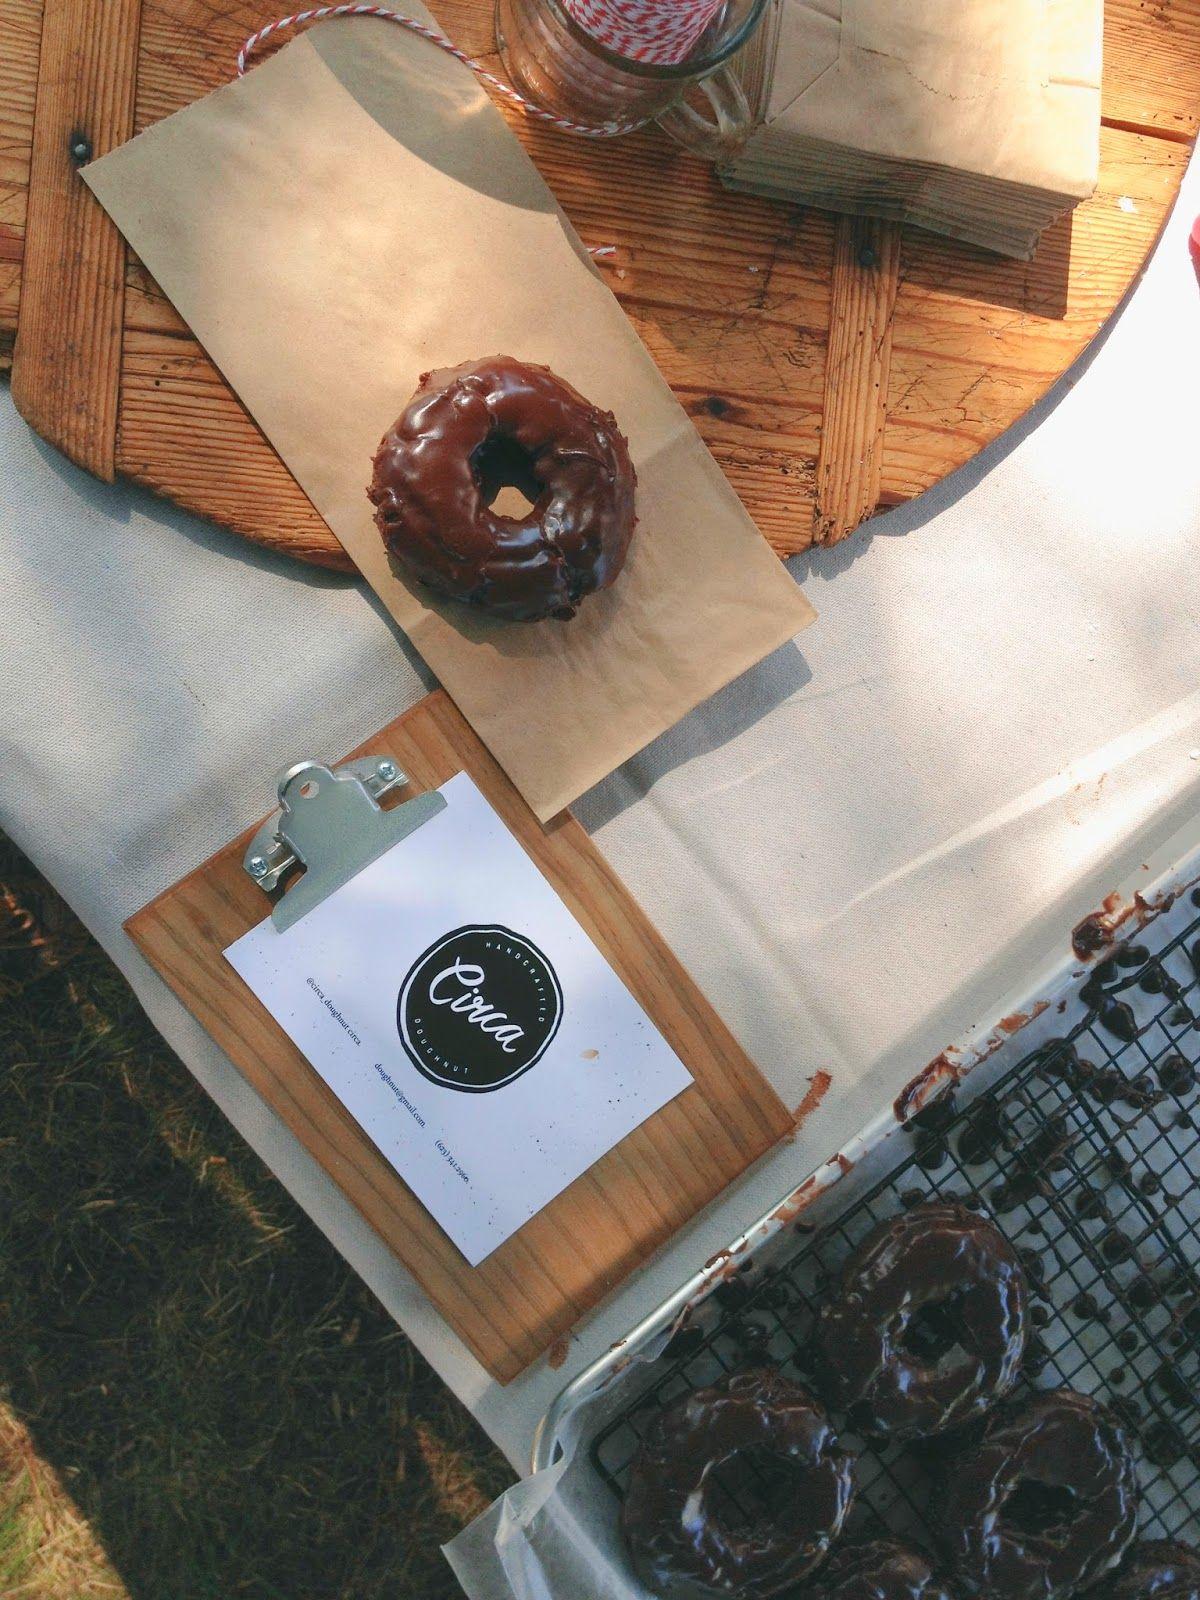 Circa doughnuts in greenville sc via truly unruly